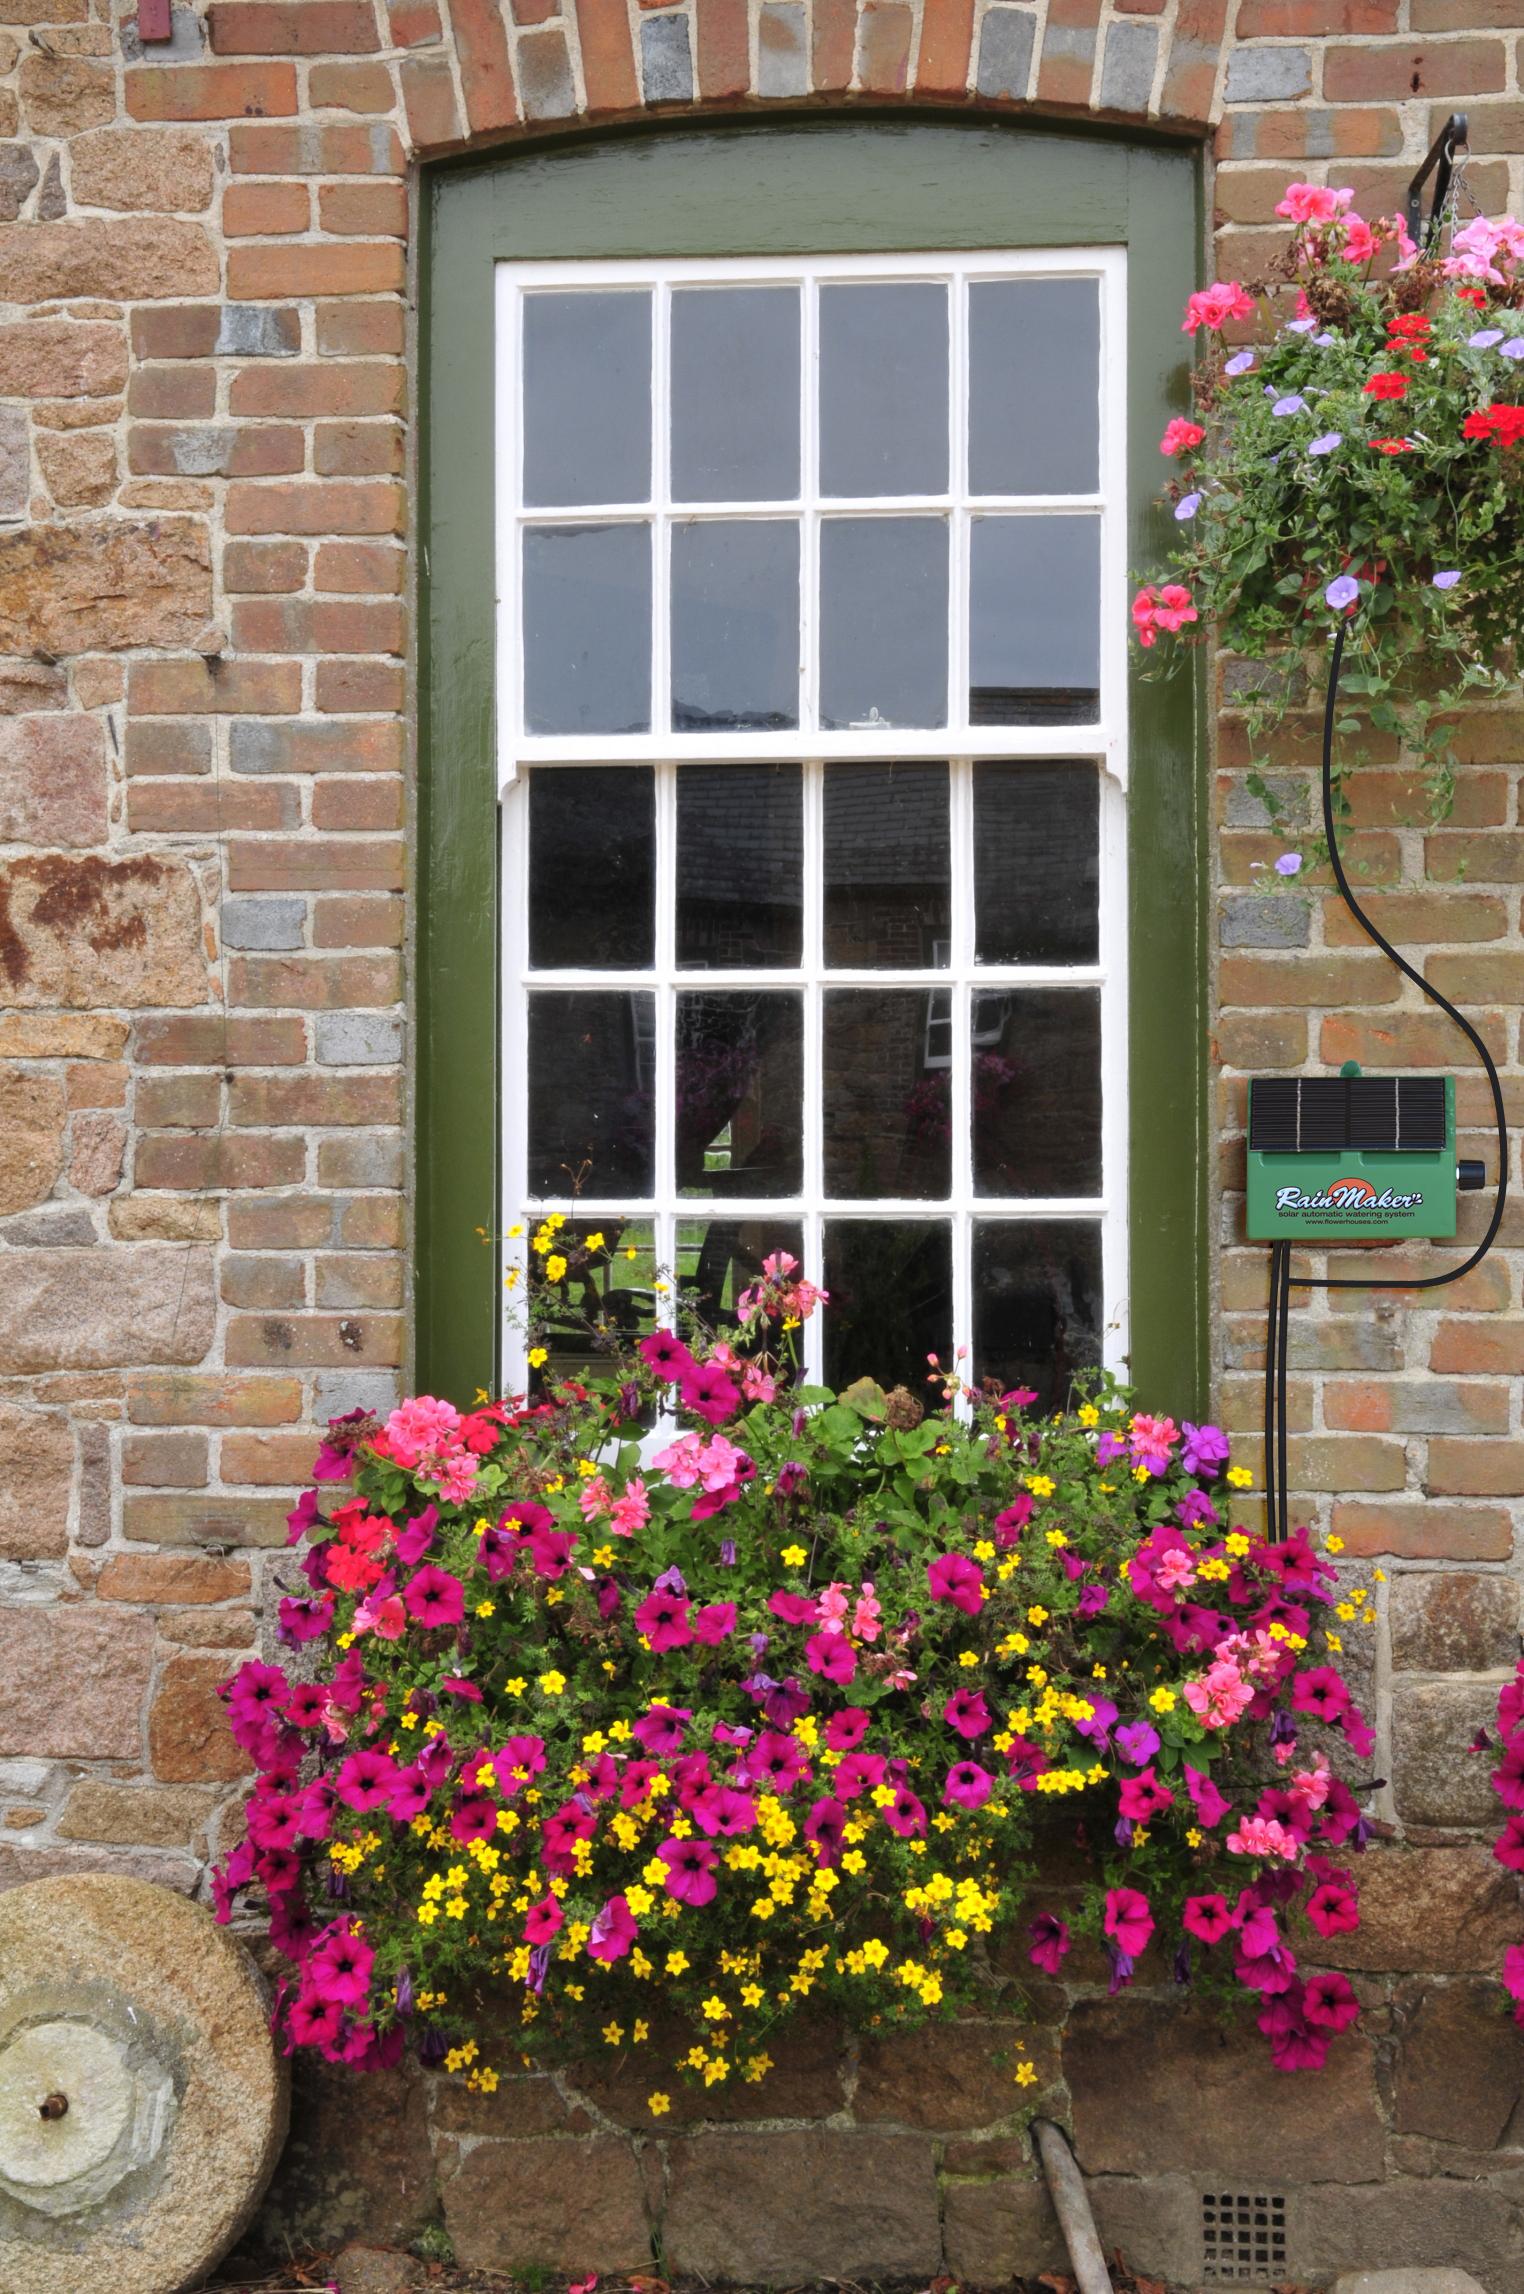 Rainmaker windowbox